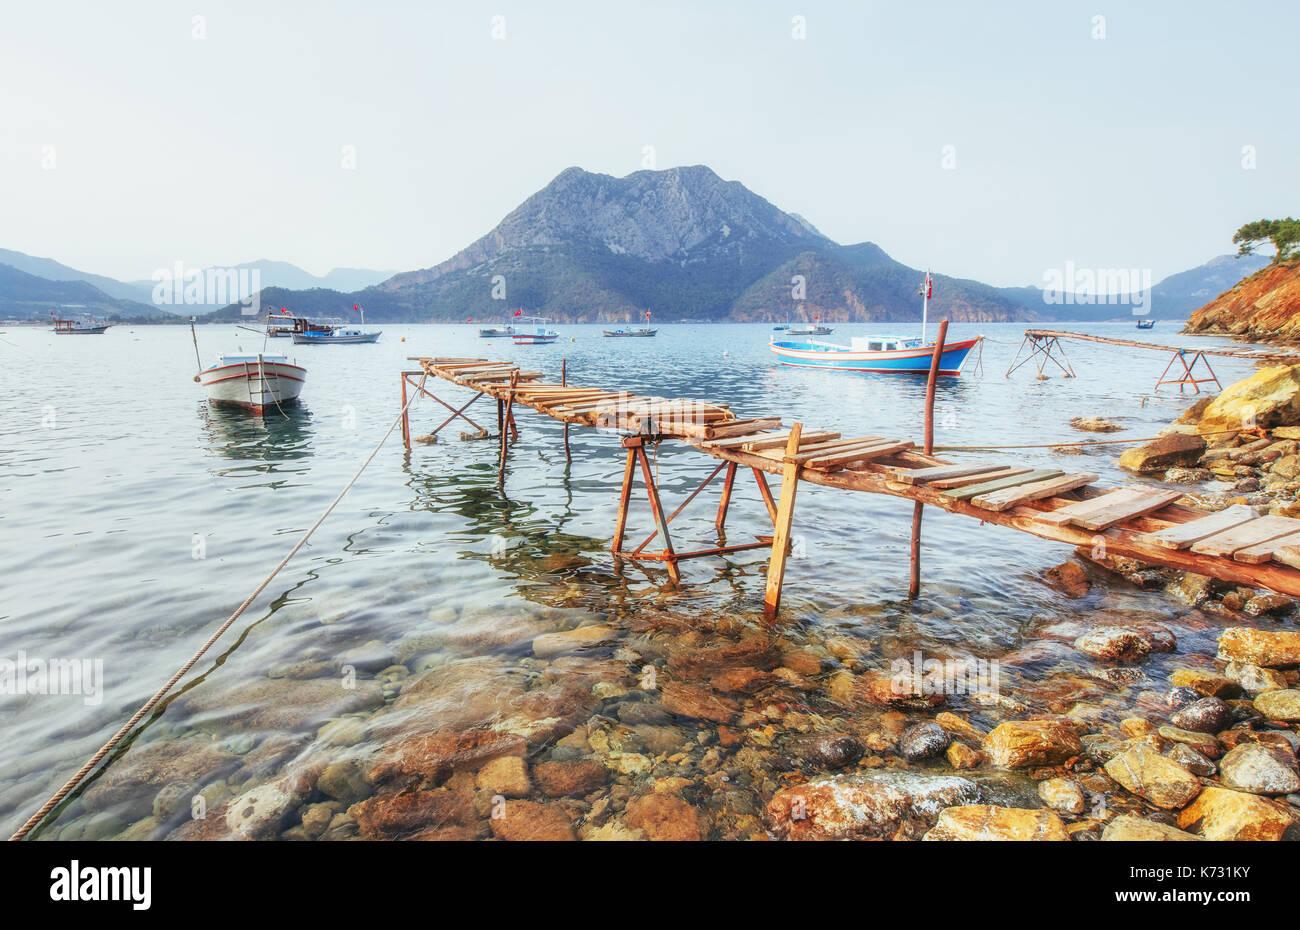 Boote in der Nähe der Pier gebrochen, indem in einer ruhigen ruhigen blauen Meer Wasser Stockfoto